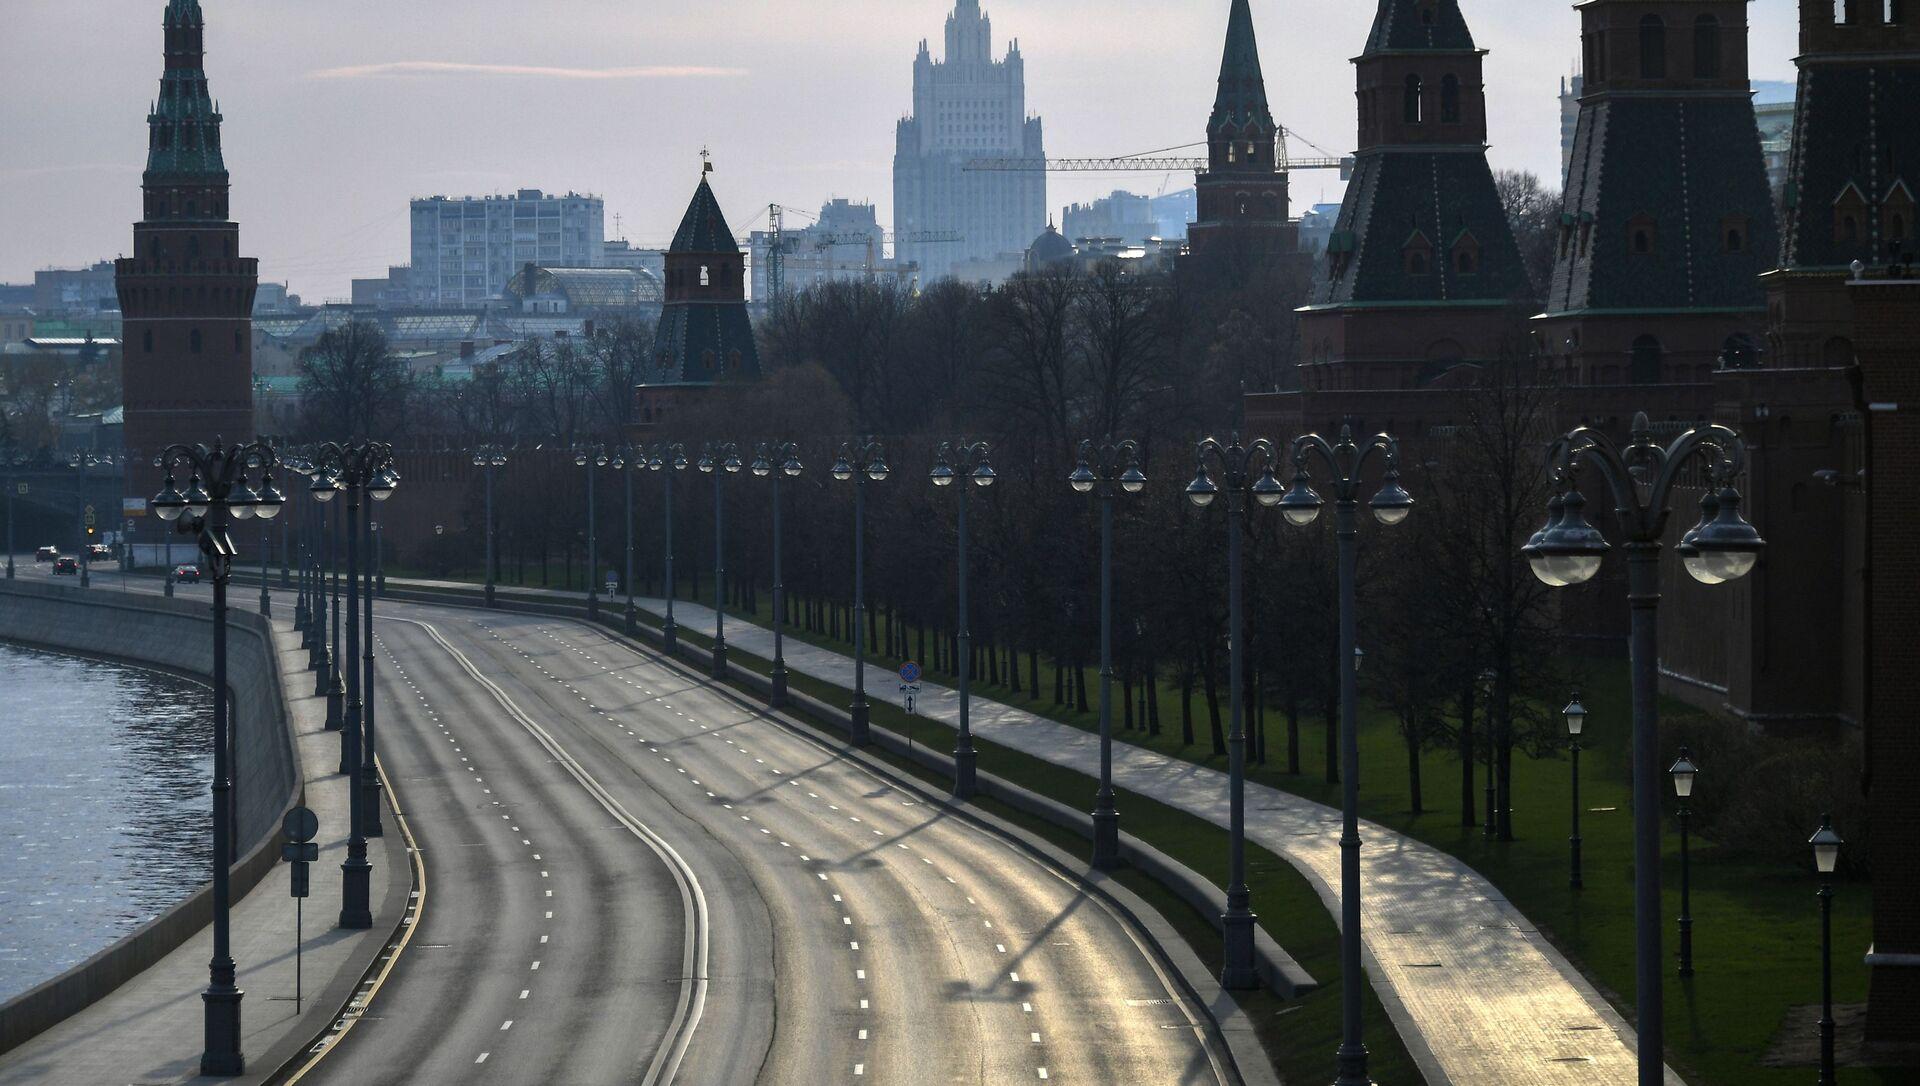 Вид на Кремлевскую набережную с Большого Москворецкого моста, фото из архива - Sputnik Azərbaycan, 1920, 14.09.2021